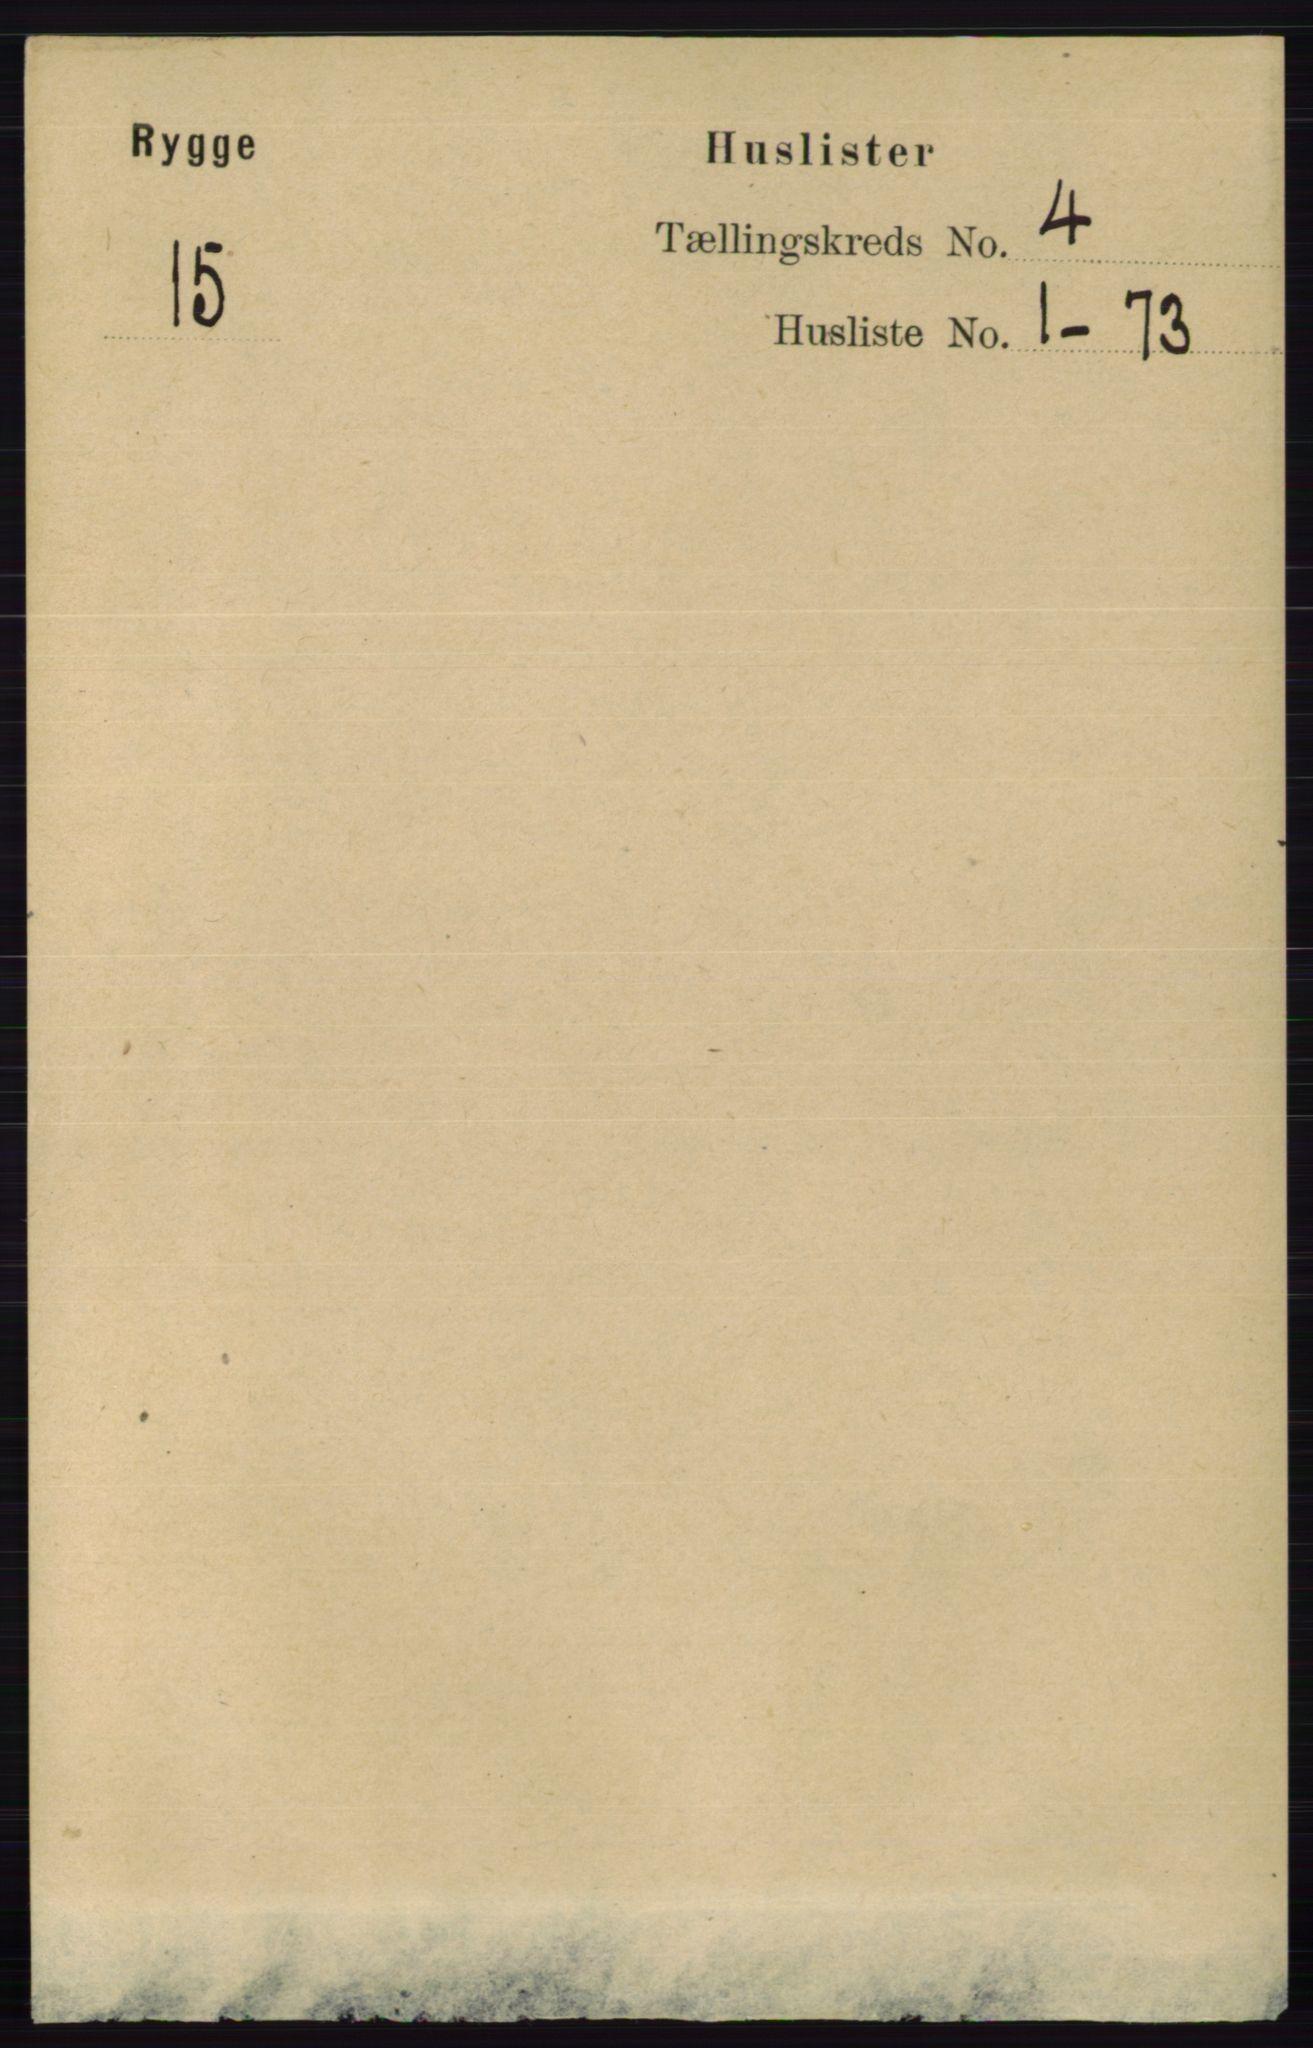 RA, Folketelling 1891 for 0136 Rygge herred, 1891, s. 2155